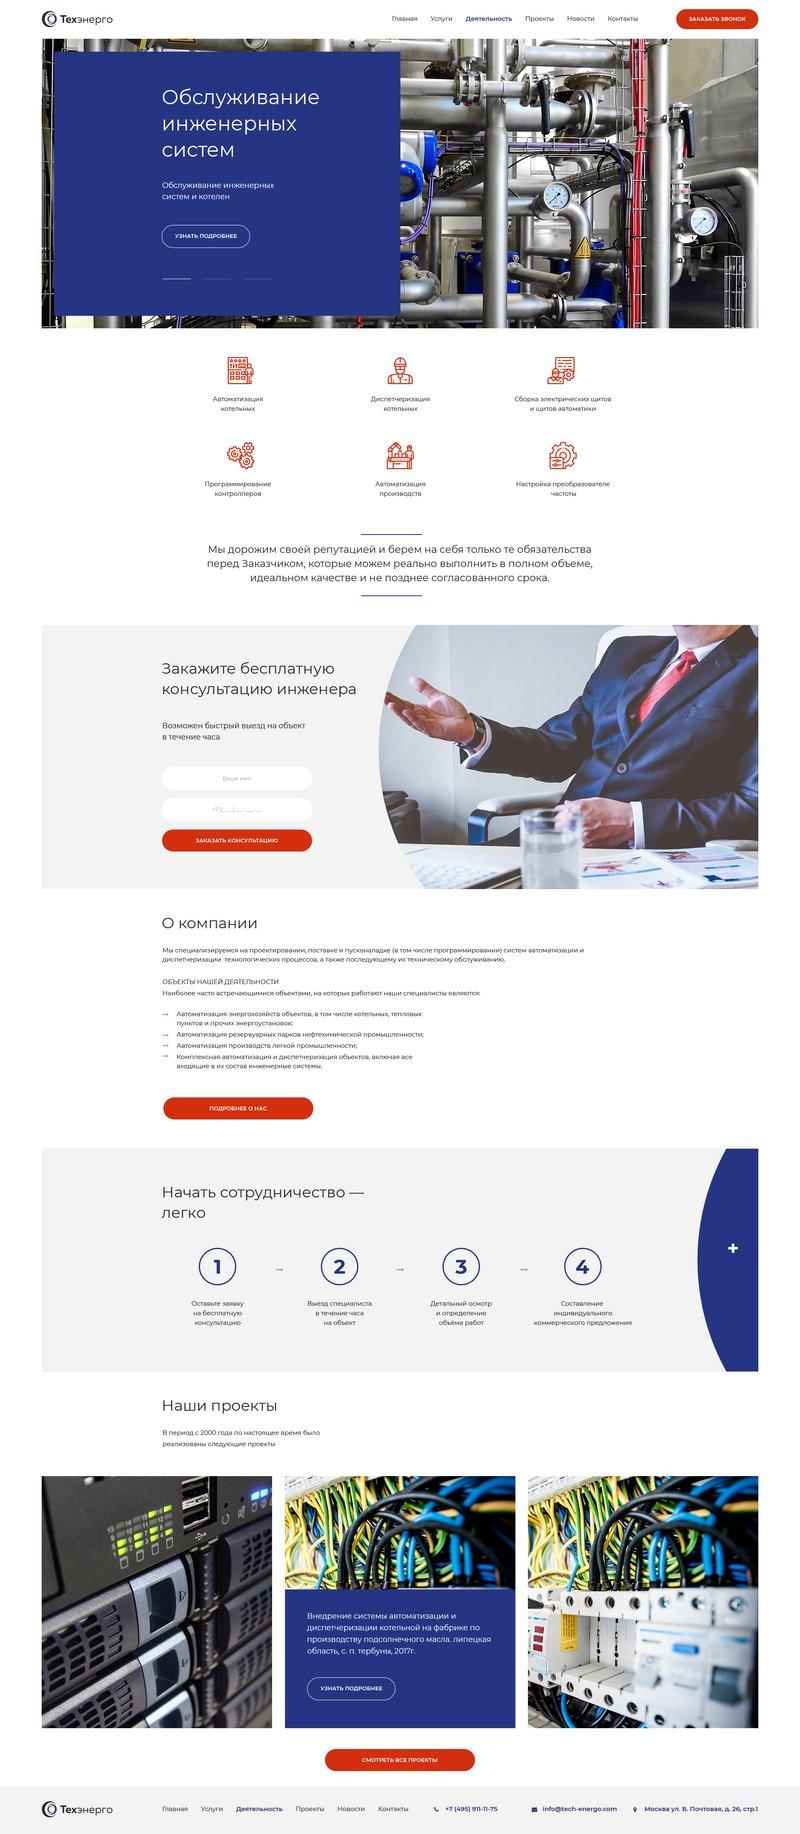 Дизайн сайта для Техэнерго – работа в портфолио фрилансера